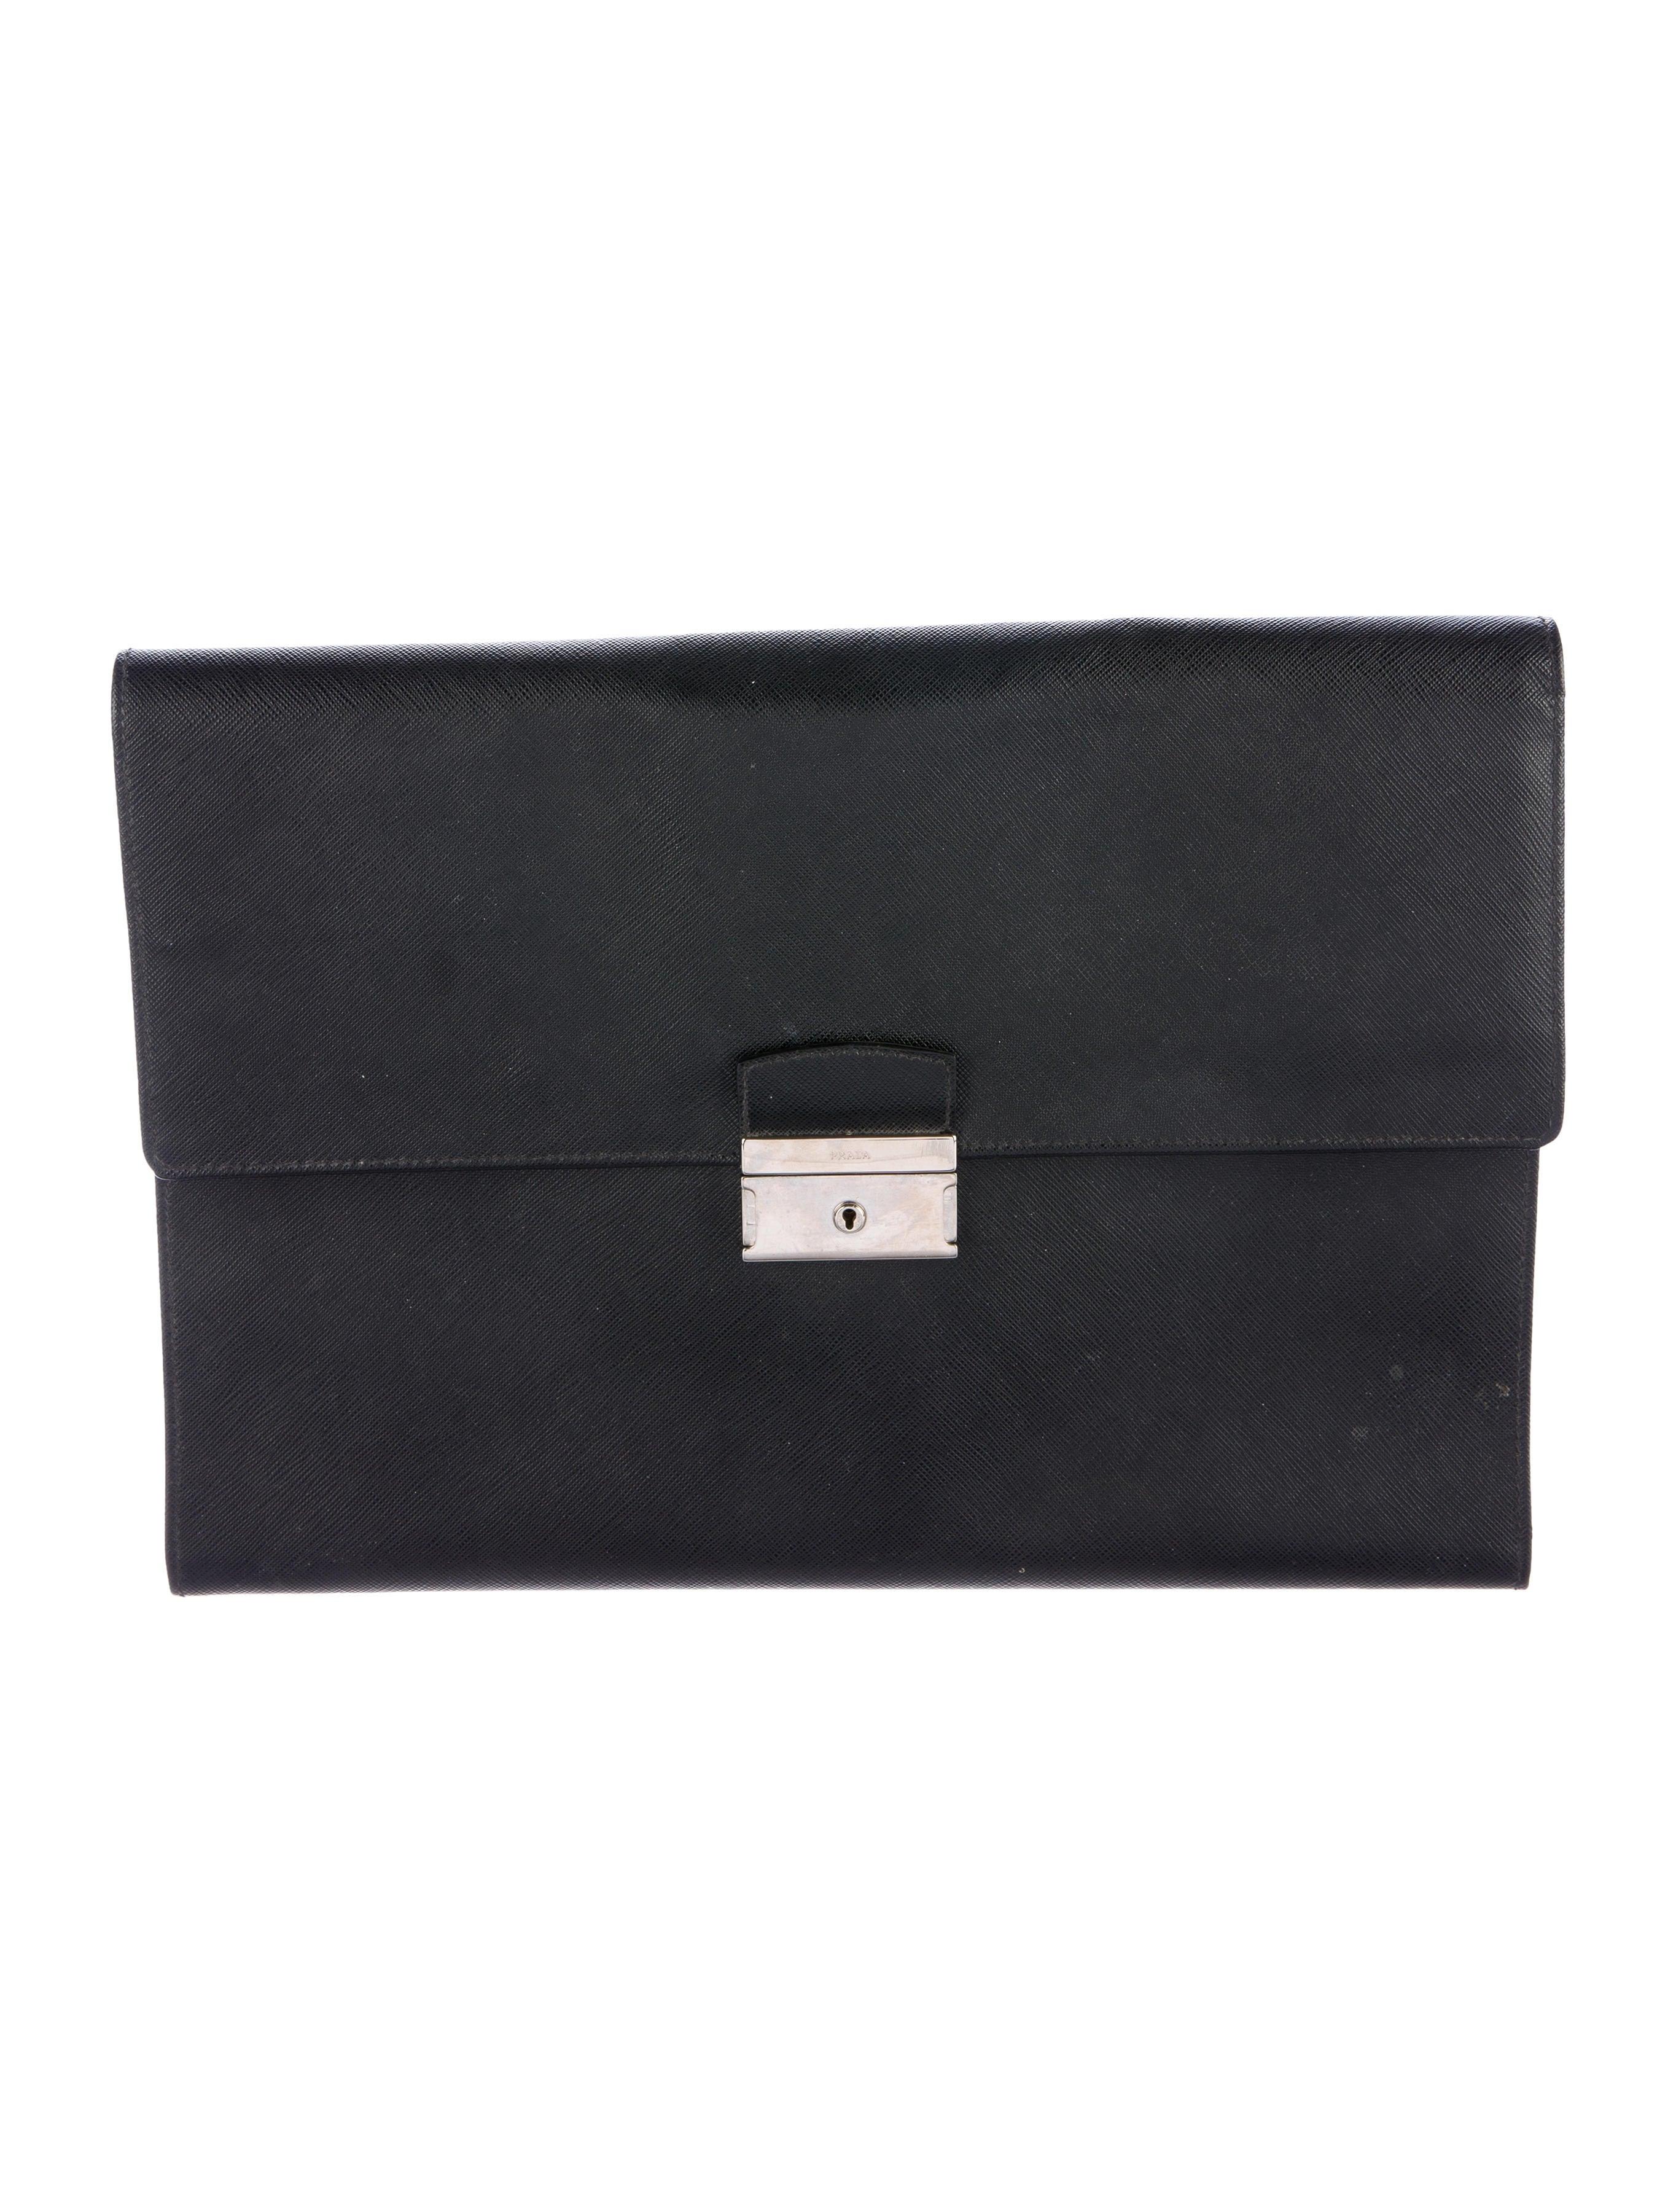 Prada saffiano document holder bags pra141915 the for Prada mens document holder